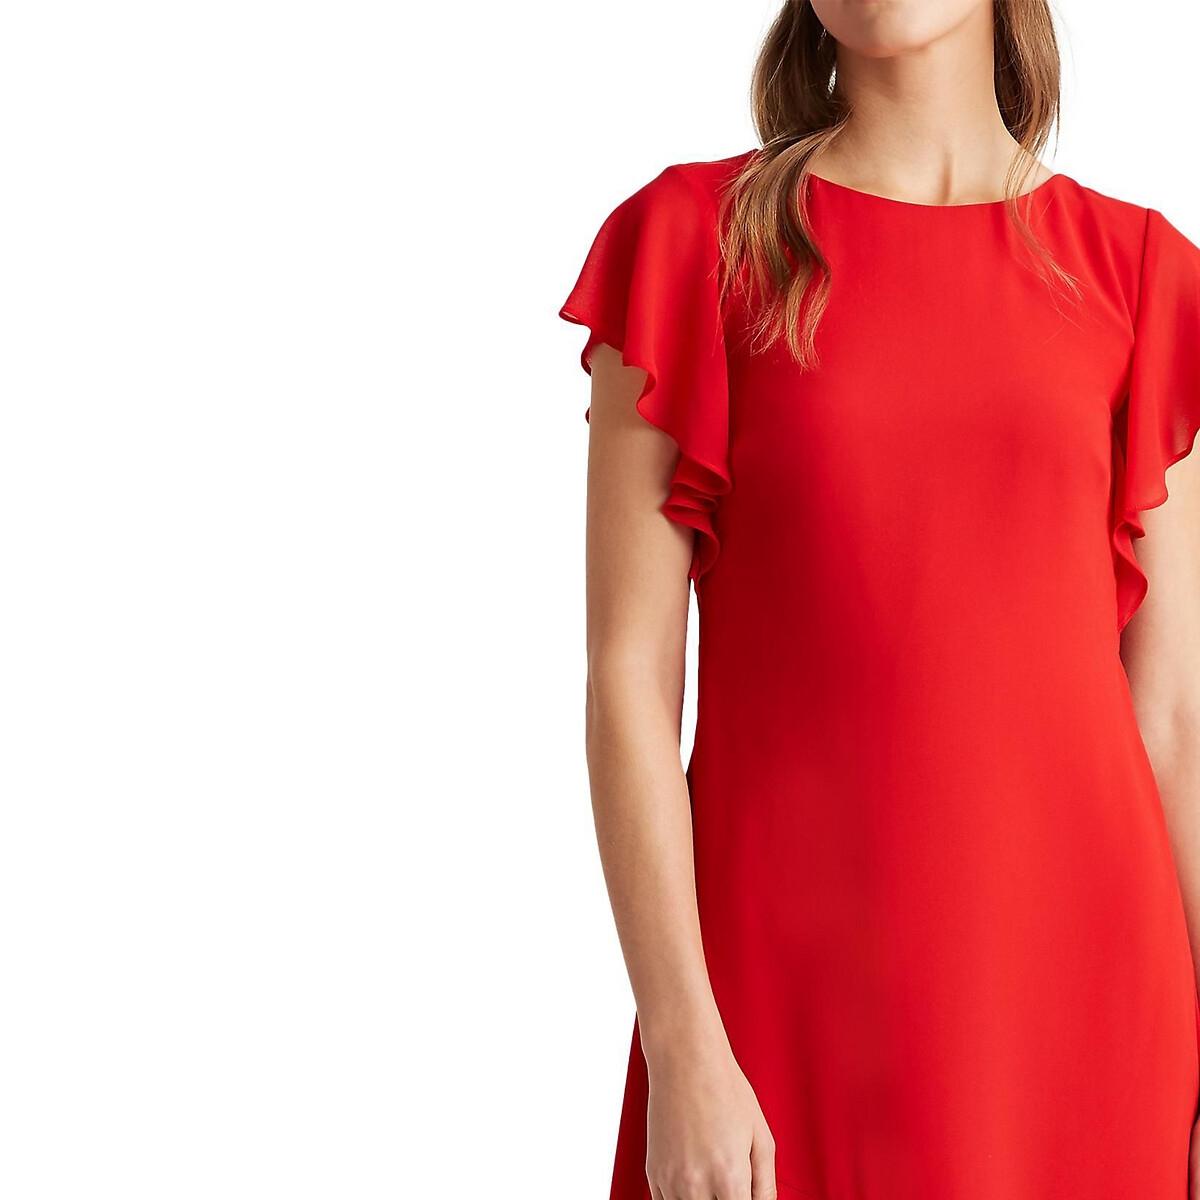 красное платье с короткими рукавами картинки